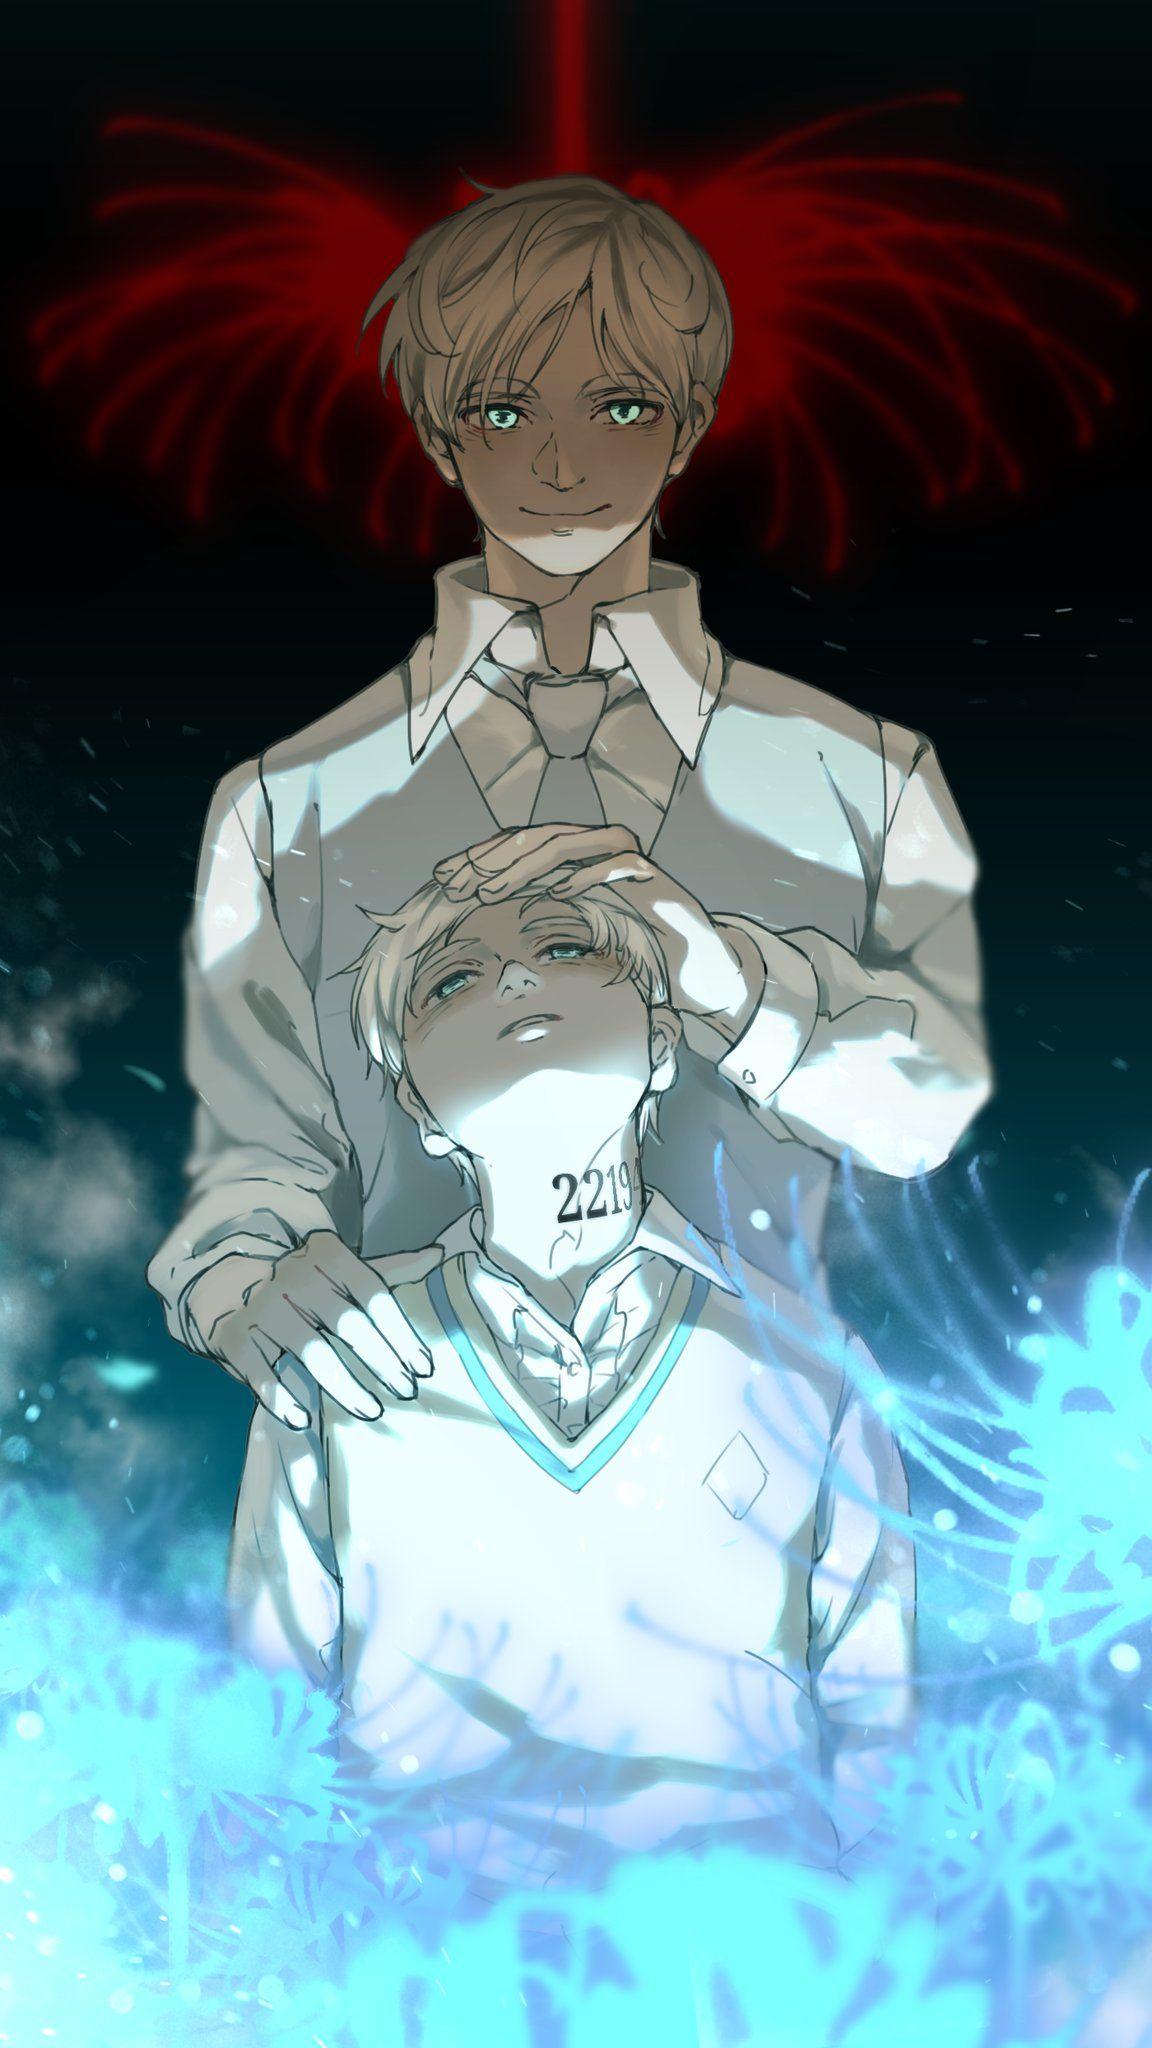 Pin de Aobasai em tpn Anime, Personagens de anime